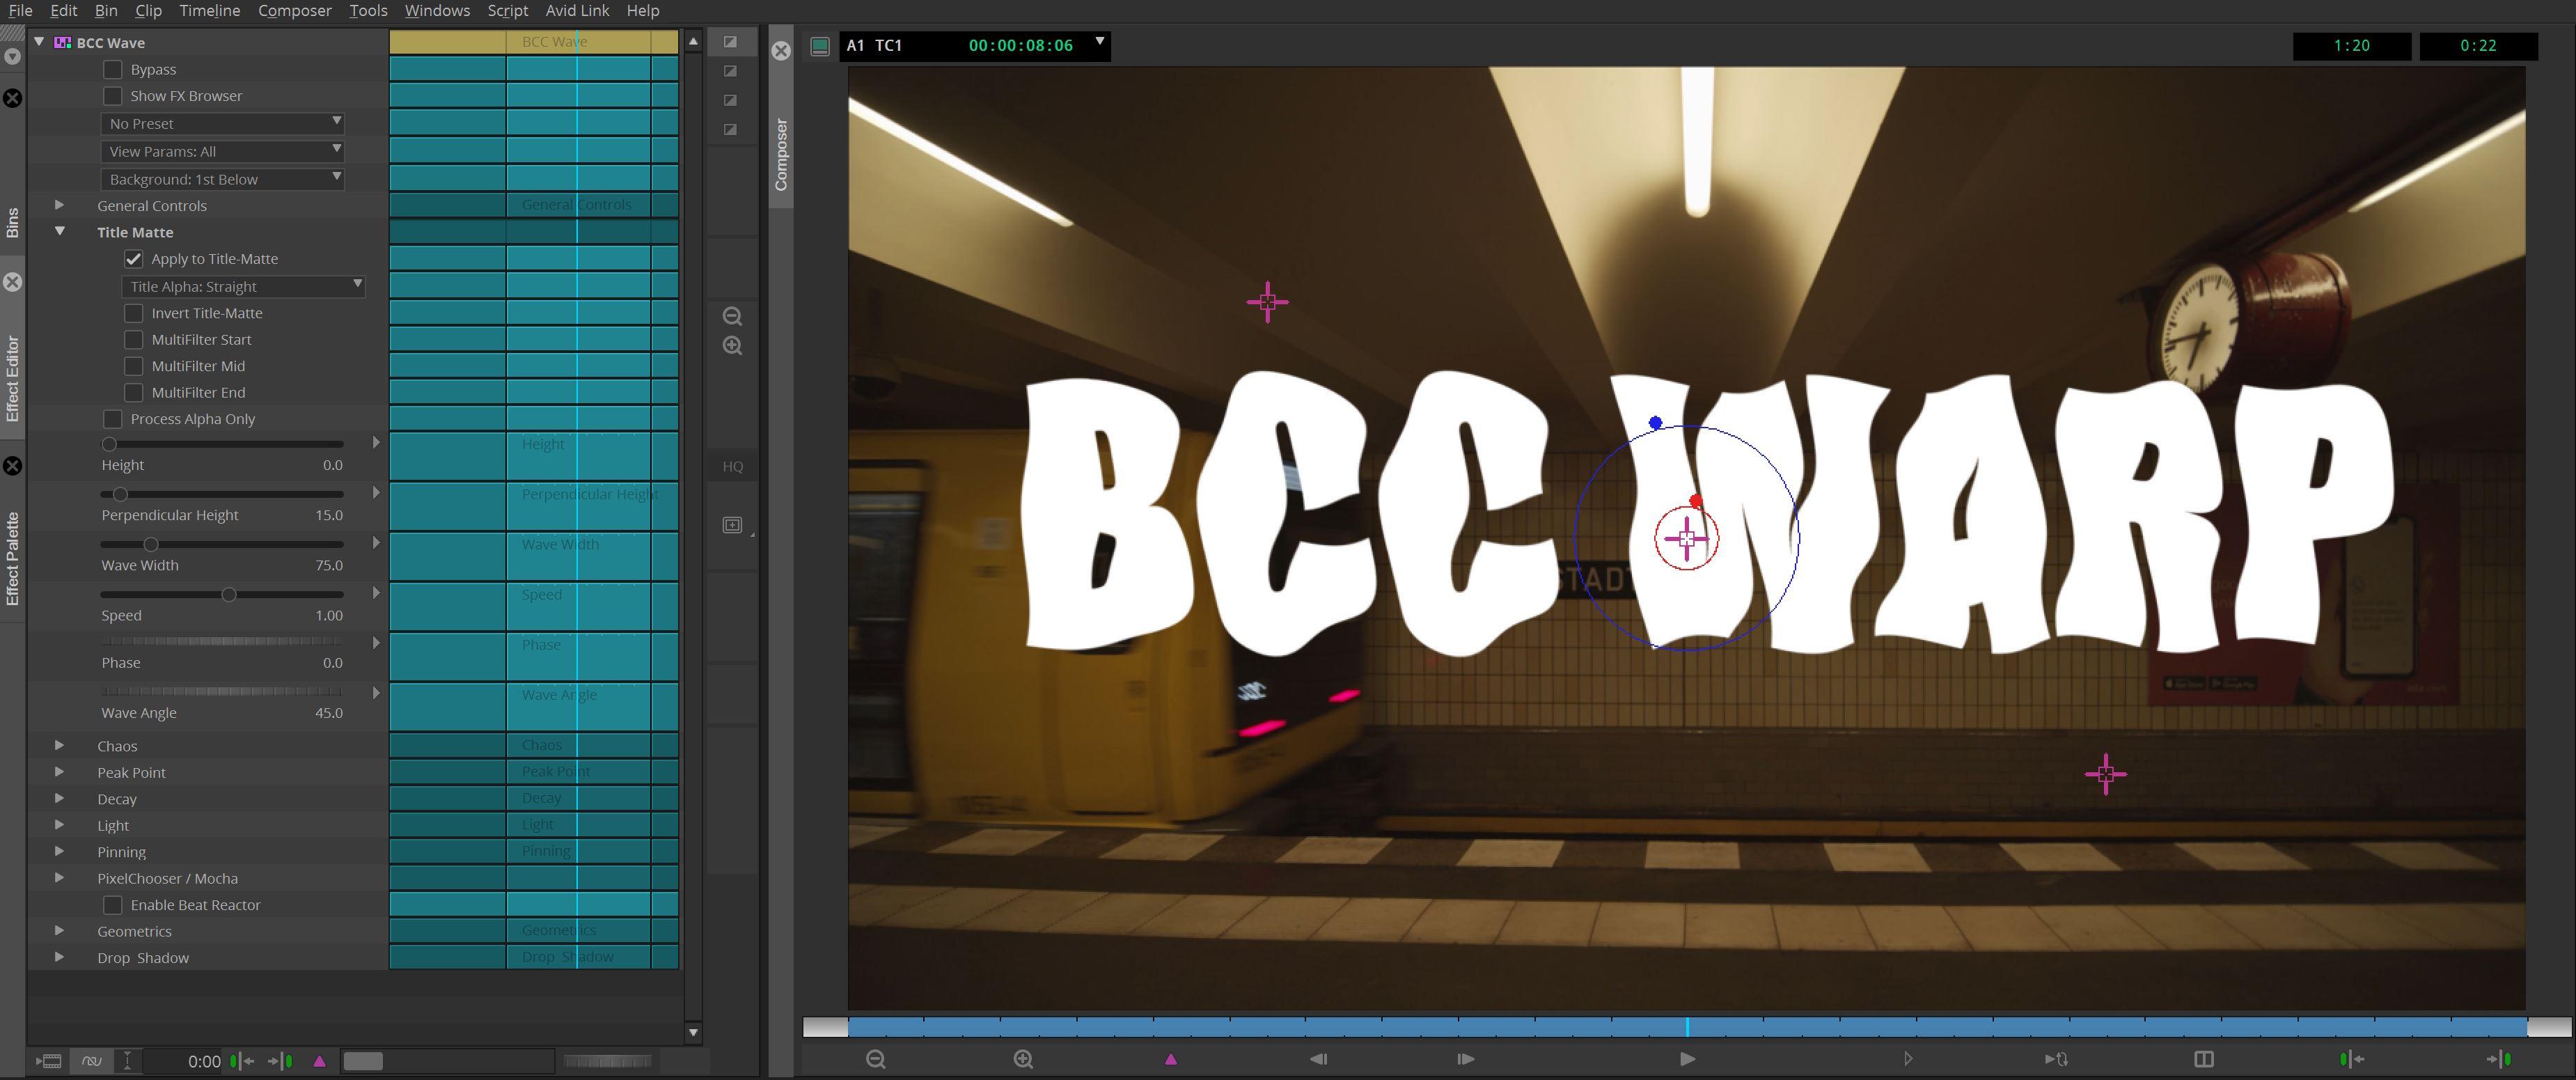 BCC Warp